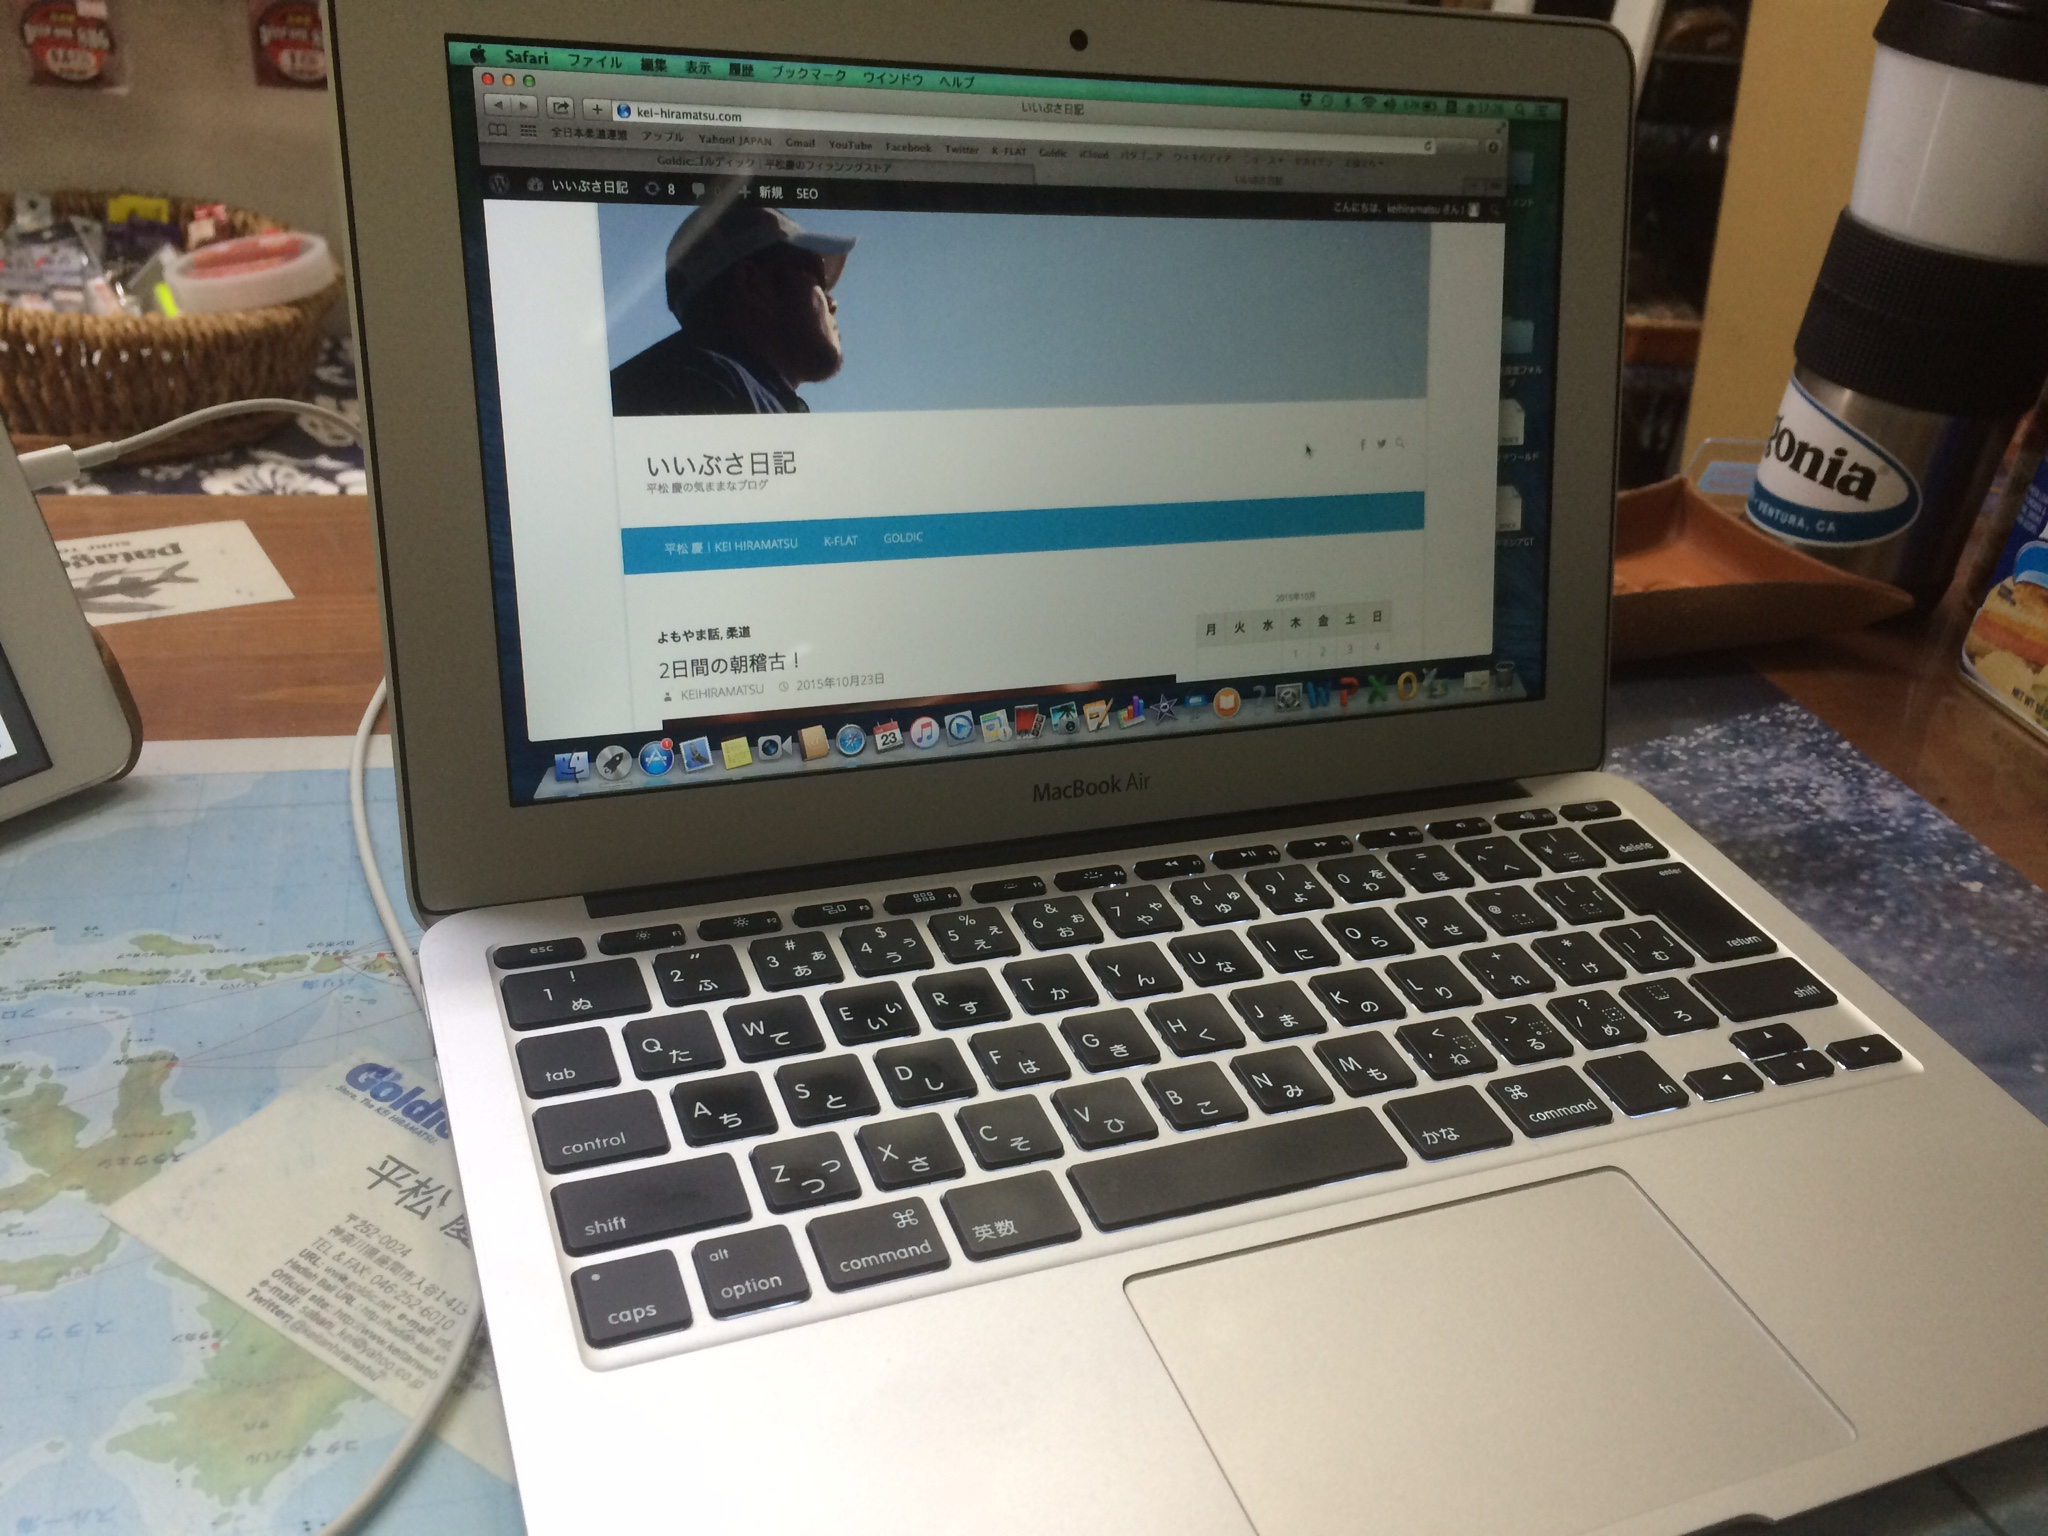 ブログ更新の管理と権利独自ドメイン取得。「WordPress」にて更新。